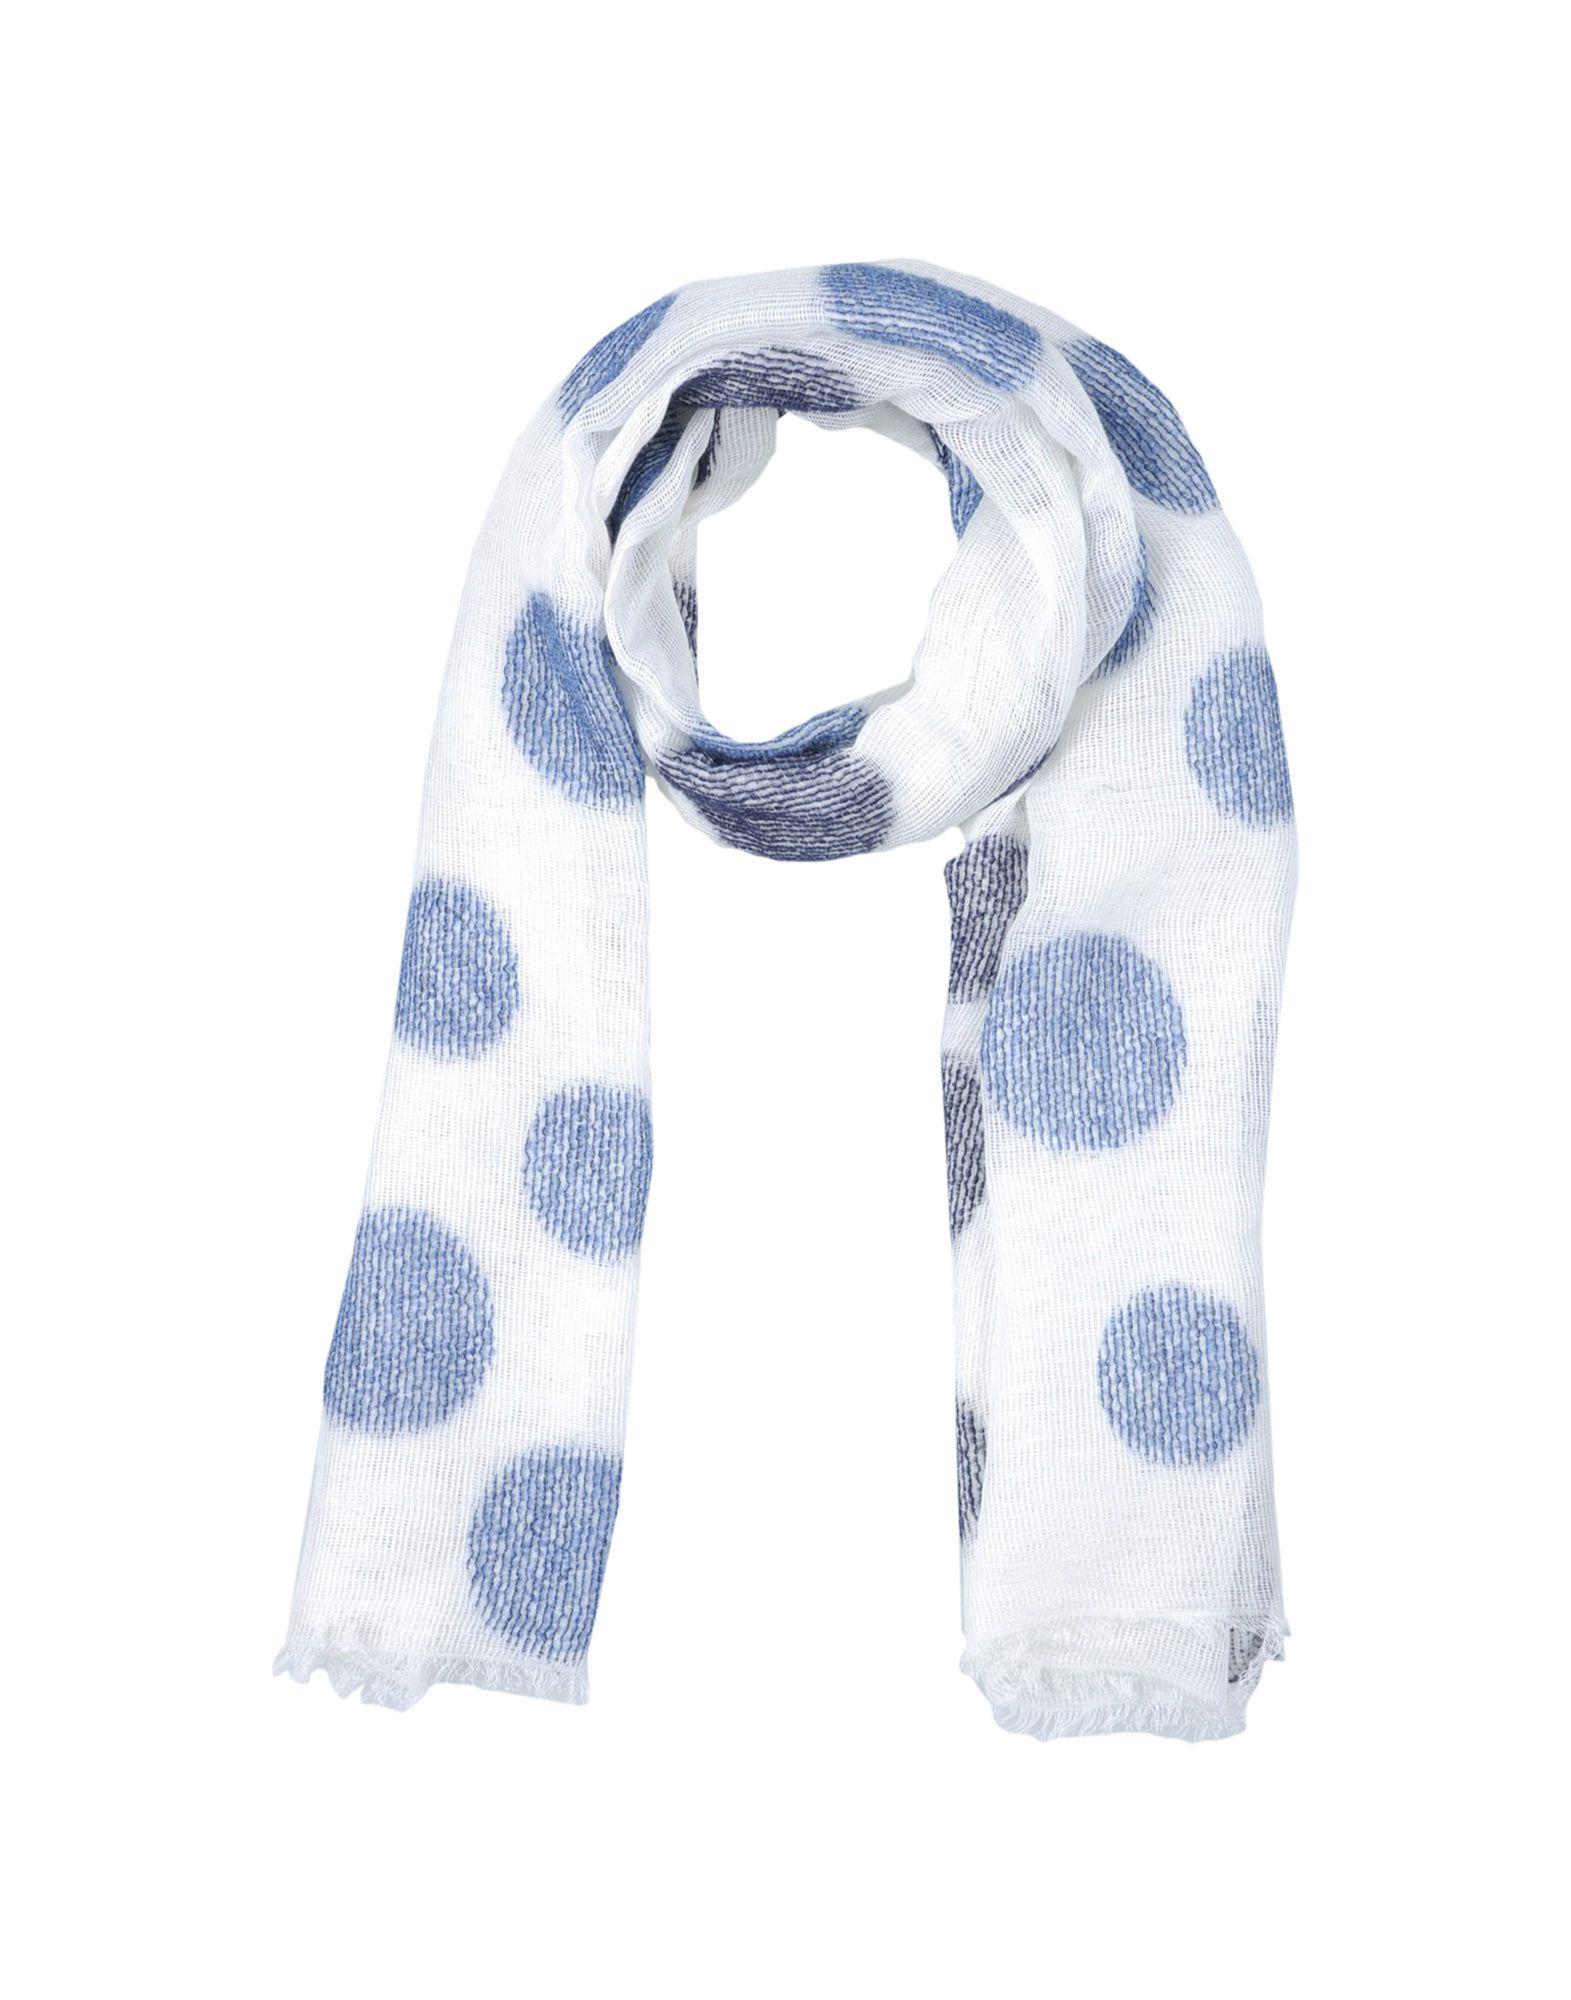 RODA Damen Schal Farbe Weiß Größe 1 - broschei